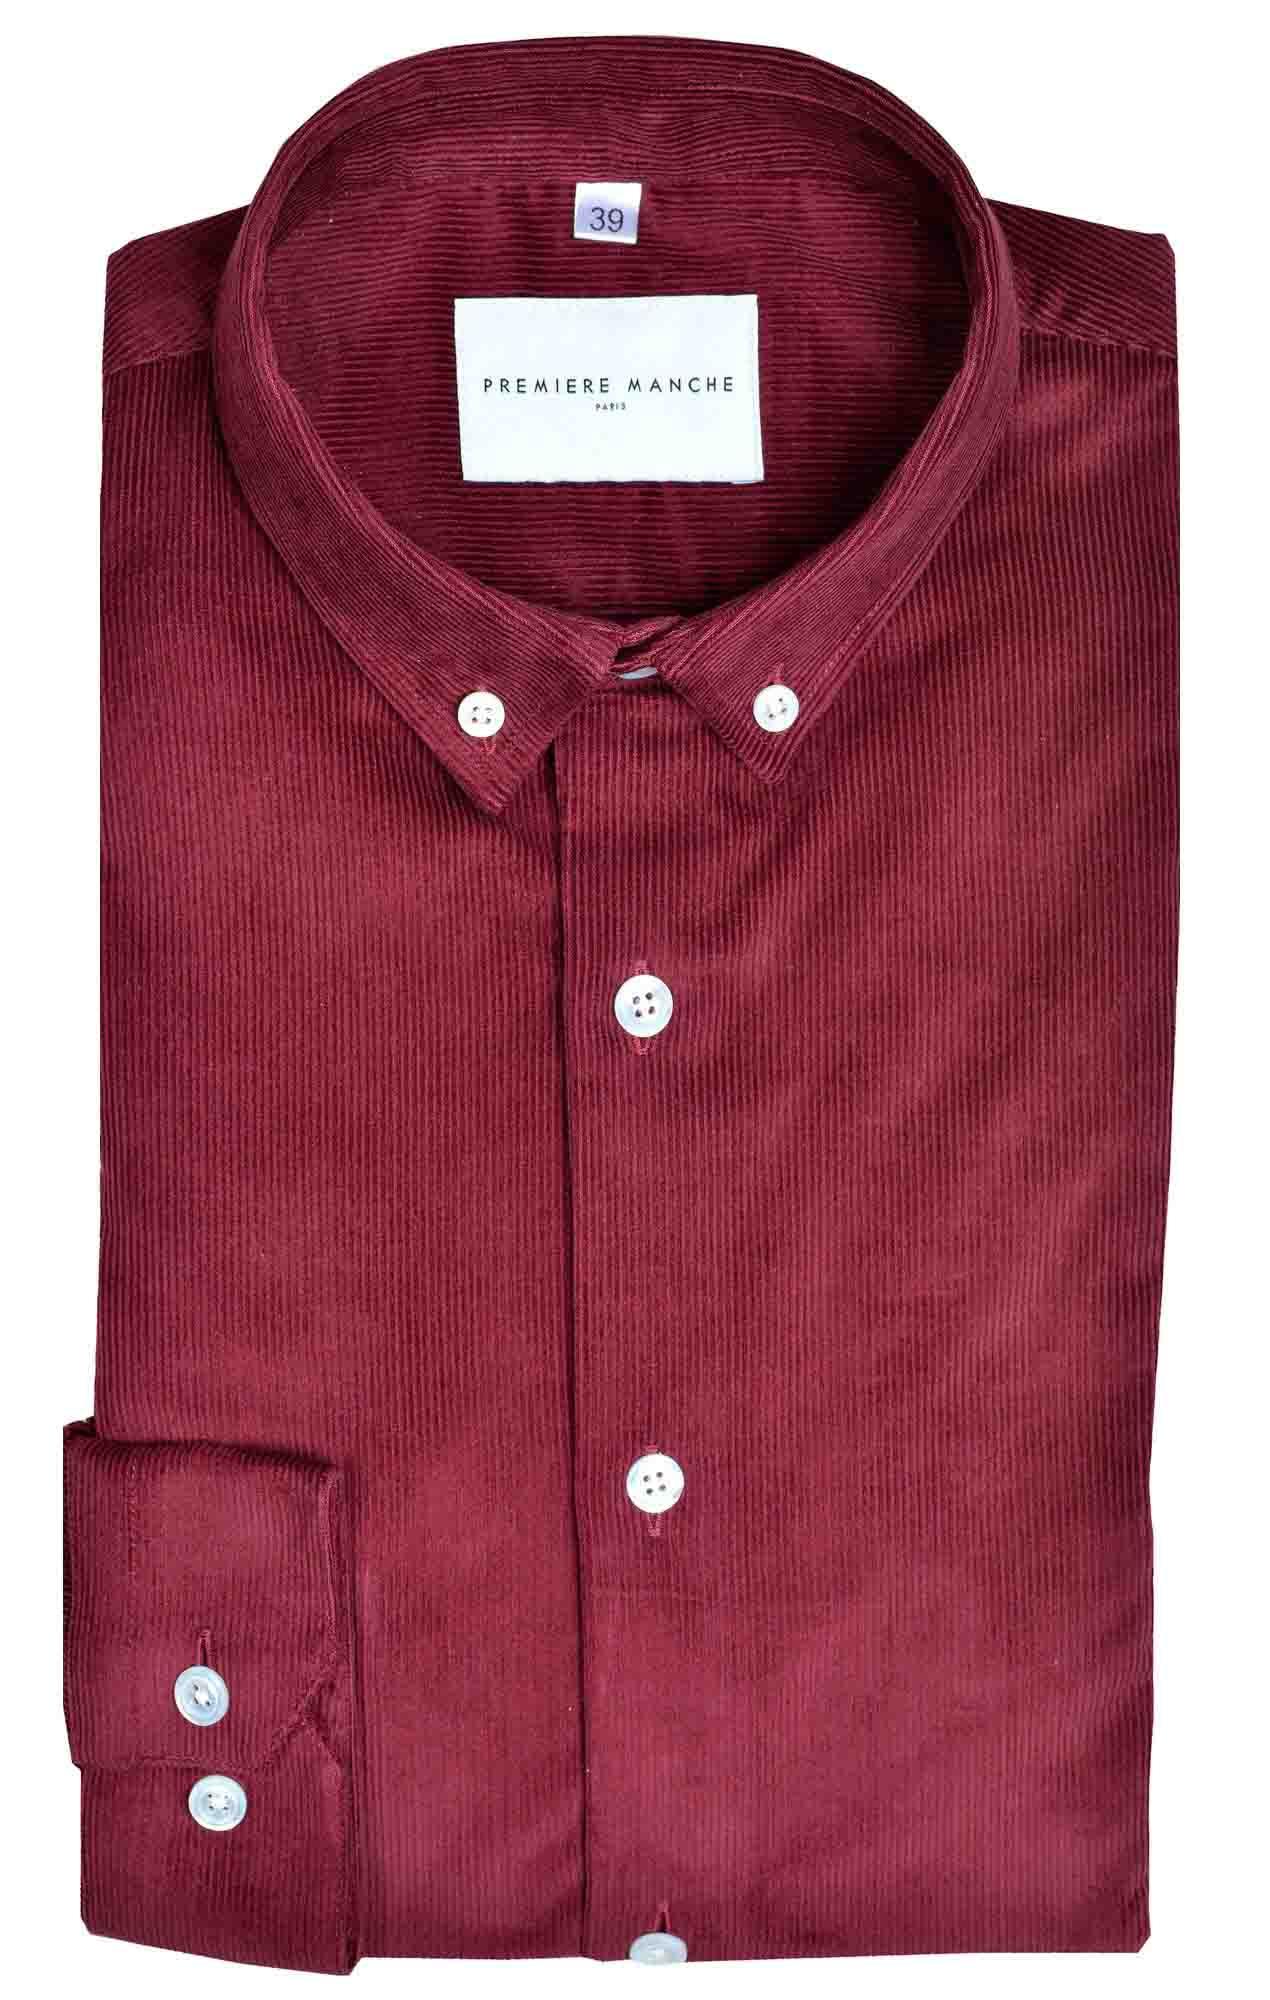 Sur-chemise velours côtelé rouge